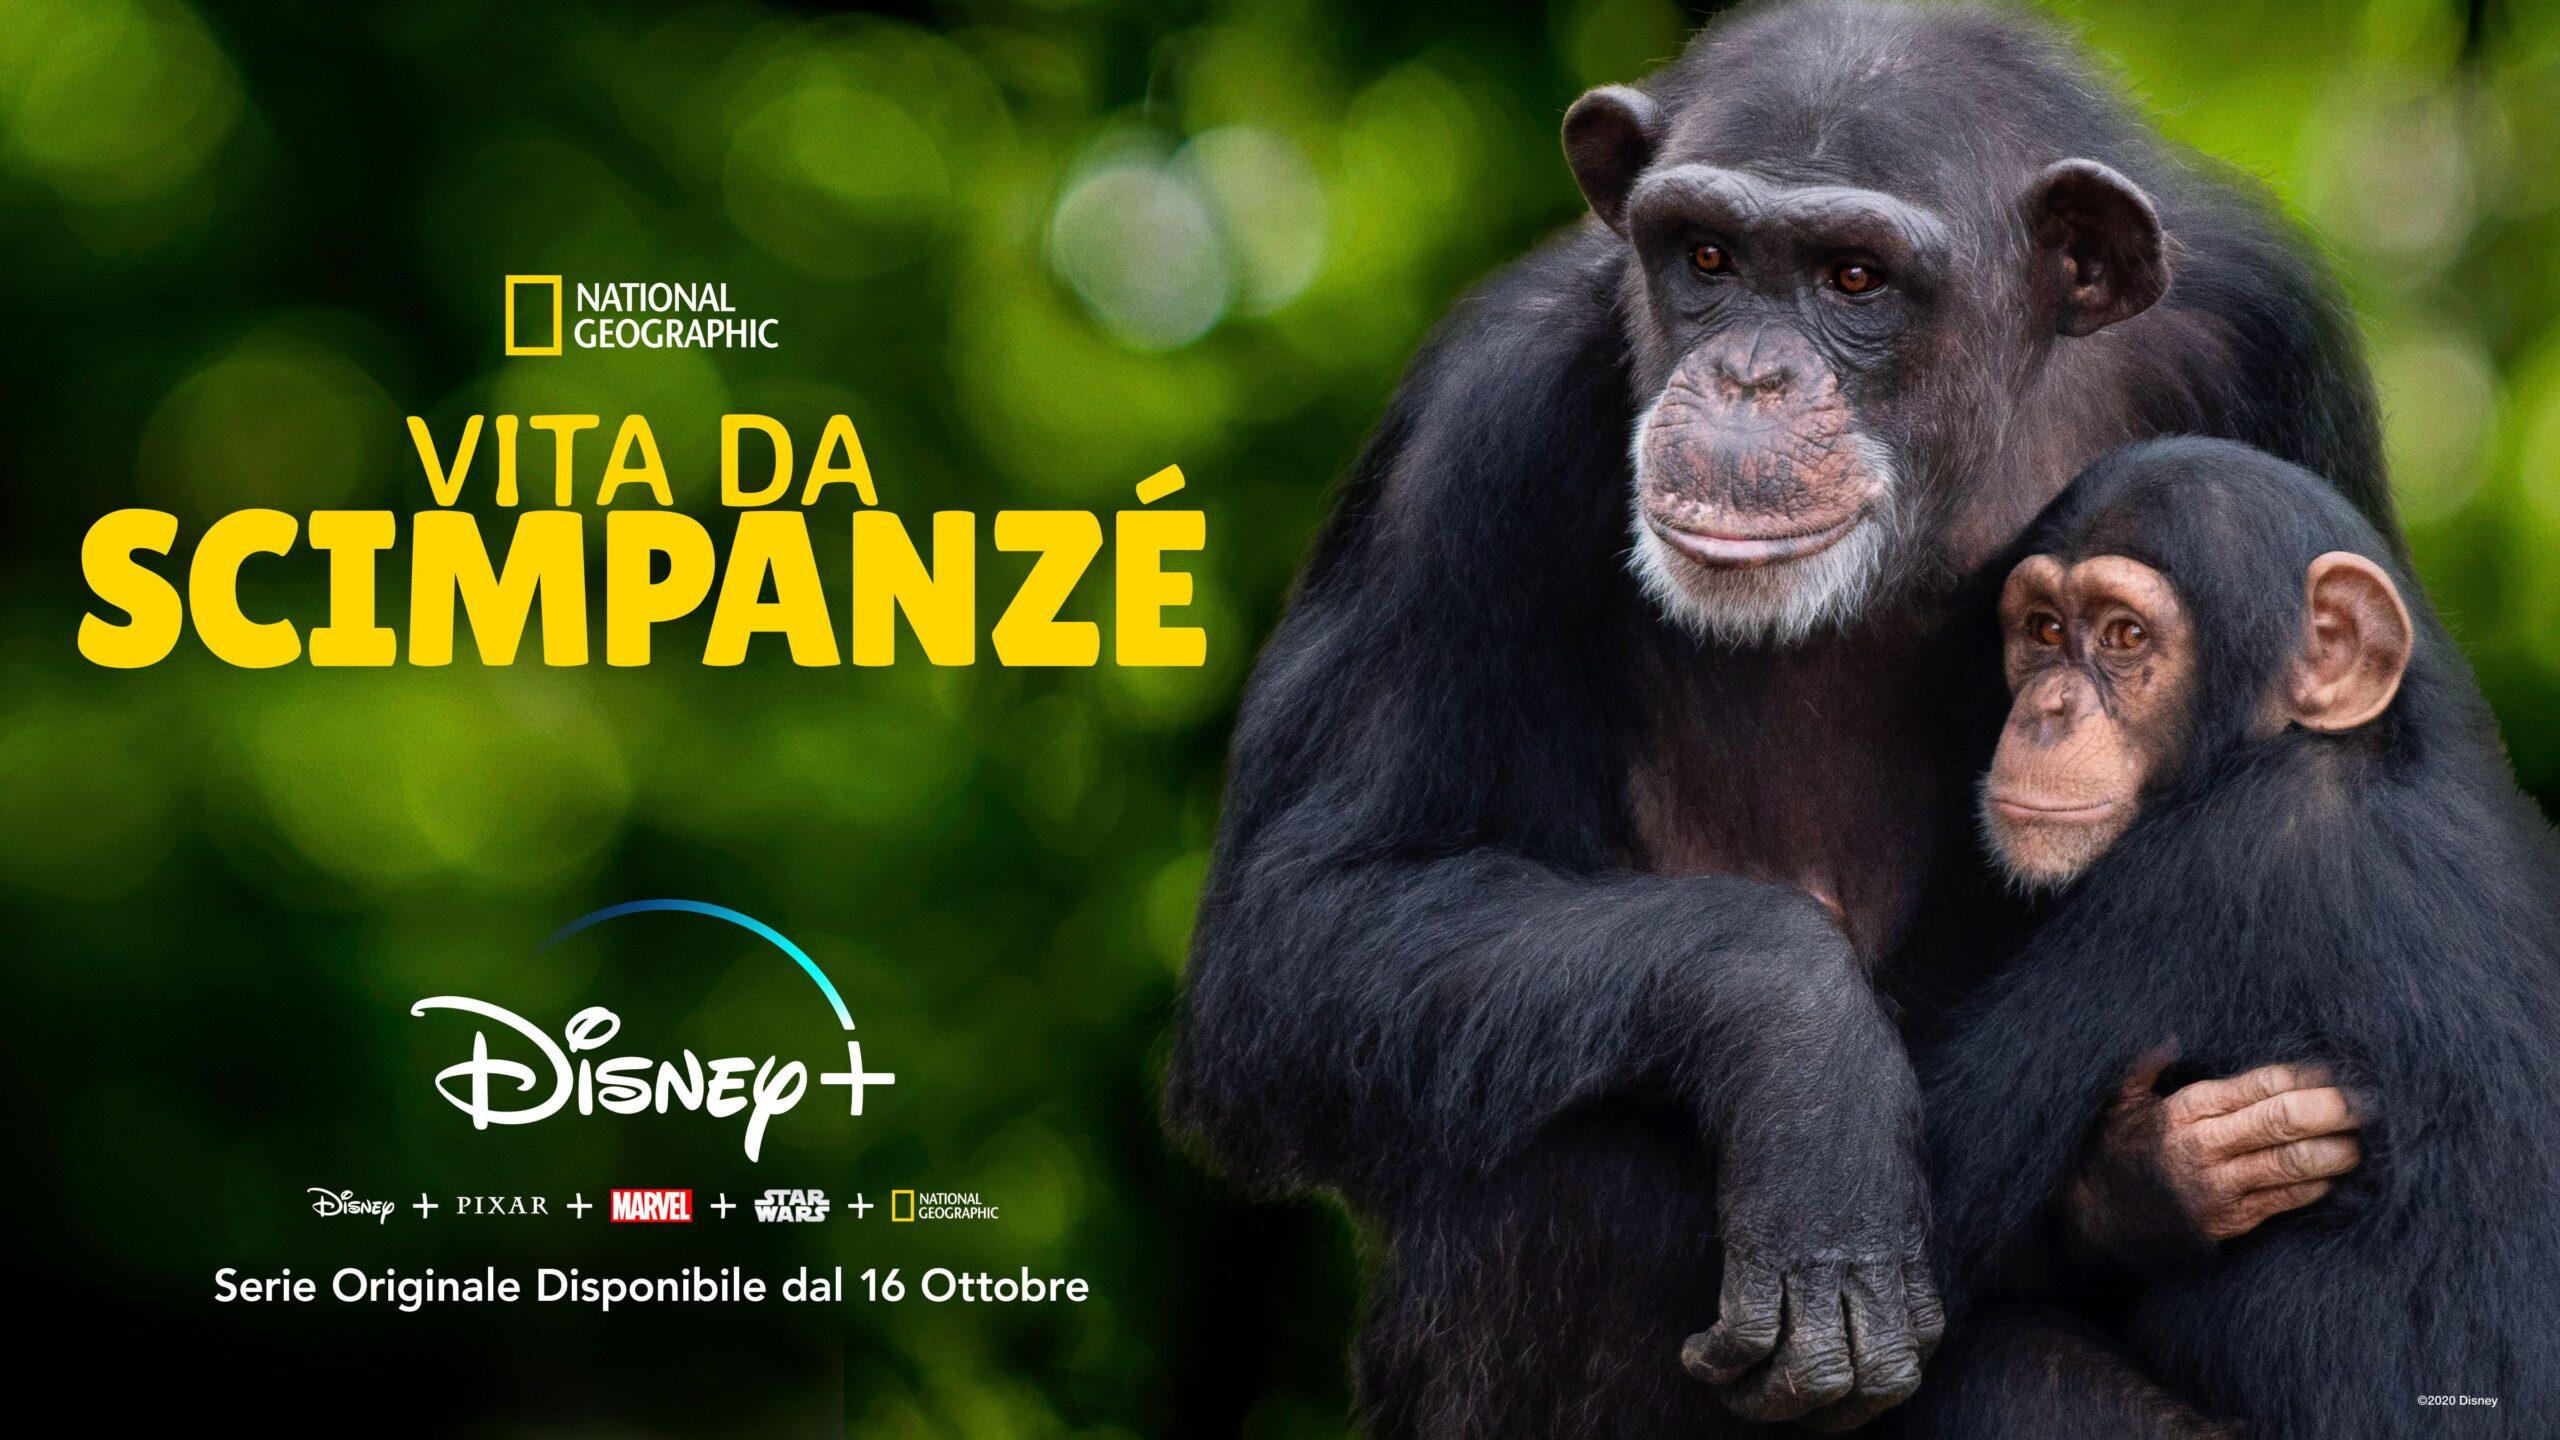 """""""Vita da scimpanzé"""": Disney+ rilascia  trailer e poster ufficiale"""